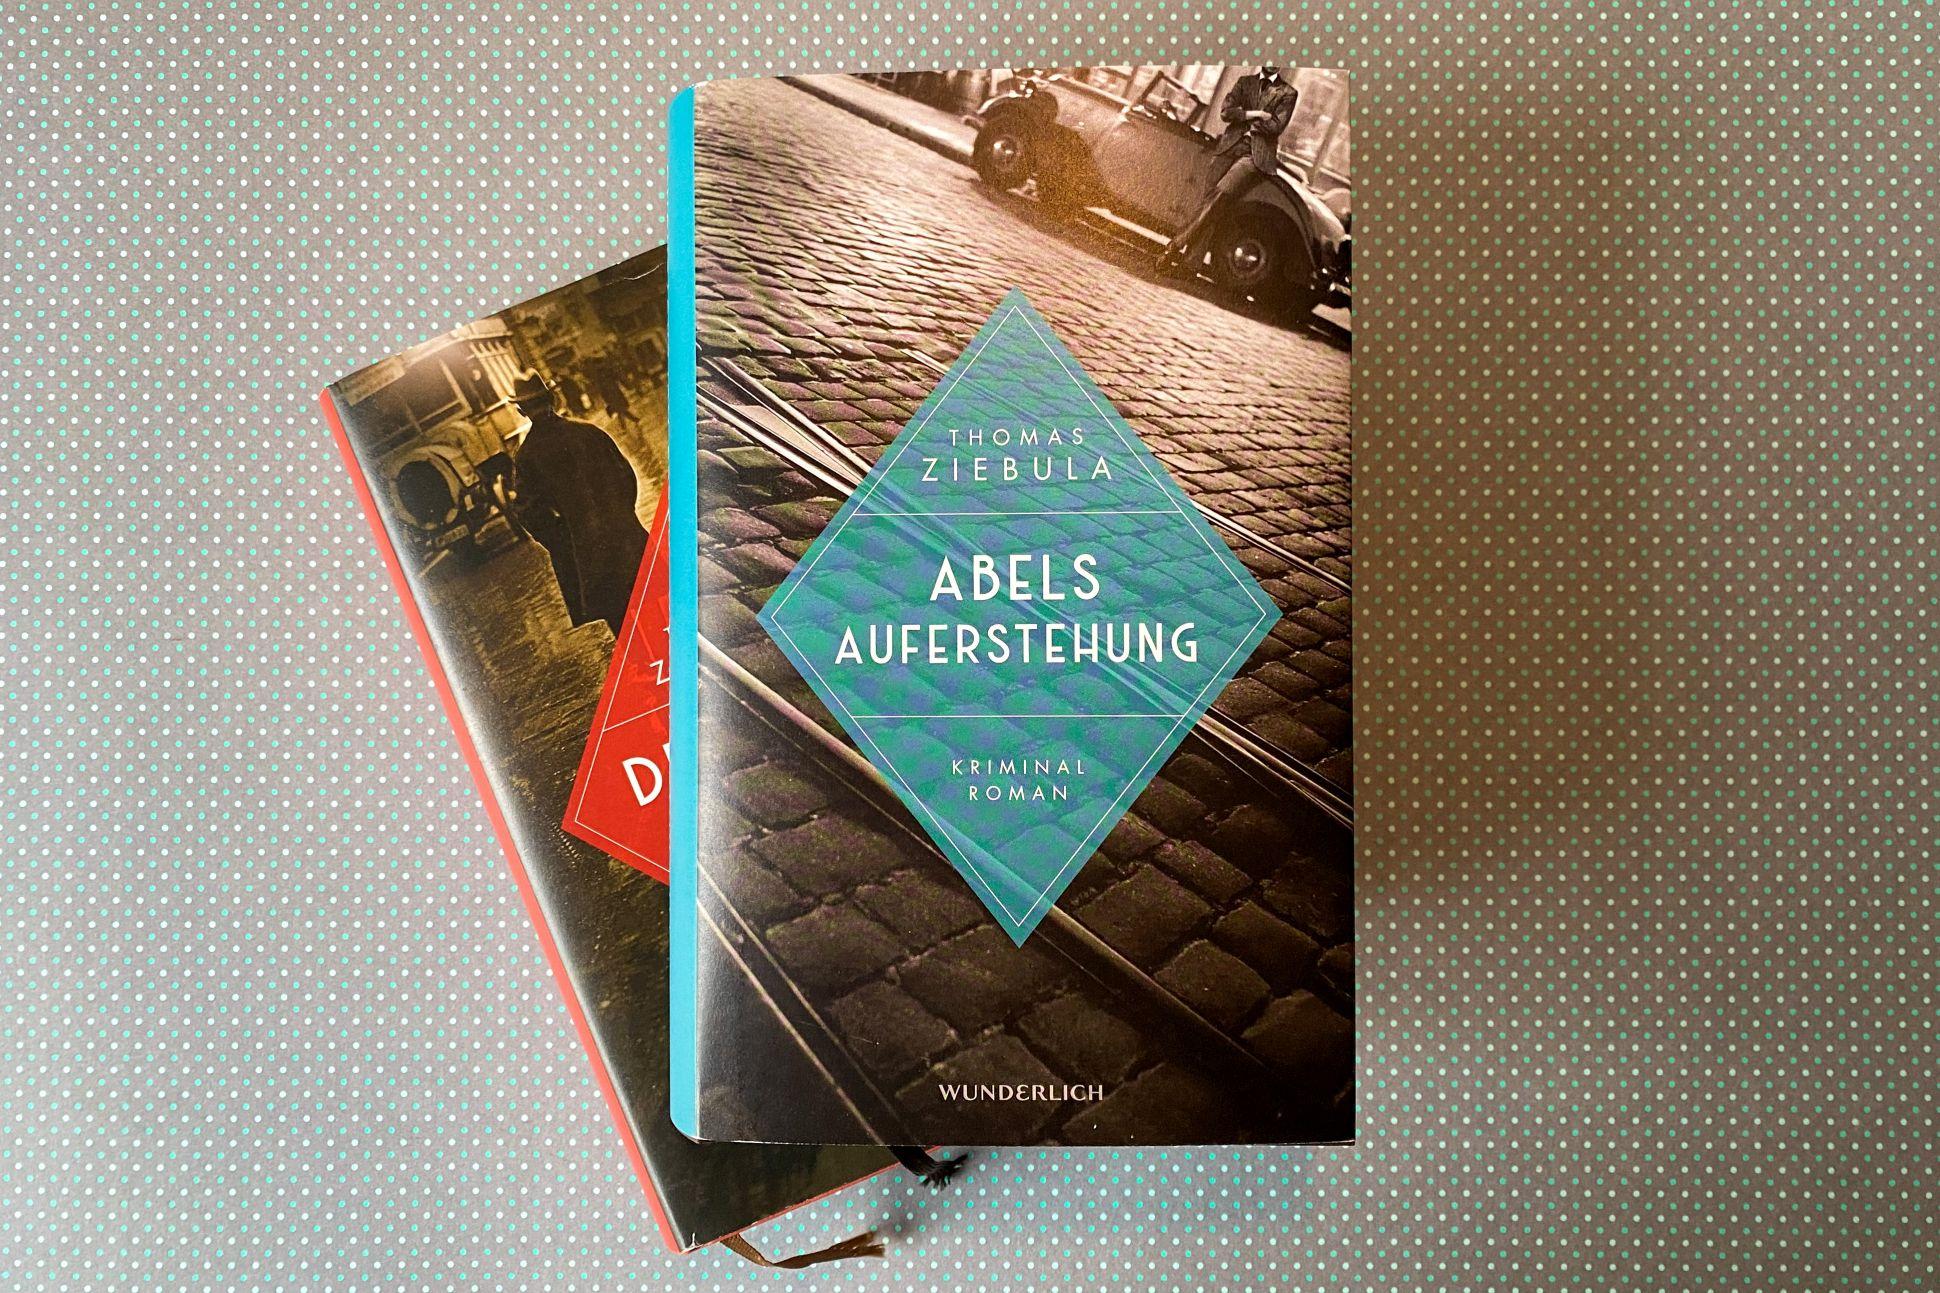 Thomas Ziebula Abels Auferstehung historischer Kriminalroman Leipzig Erster Weltkrieg Weimarer Republik